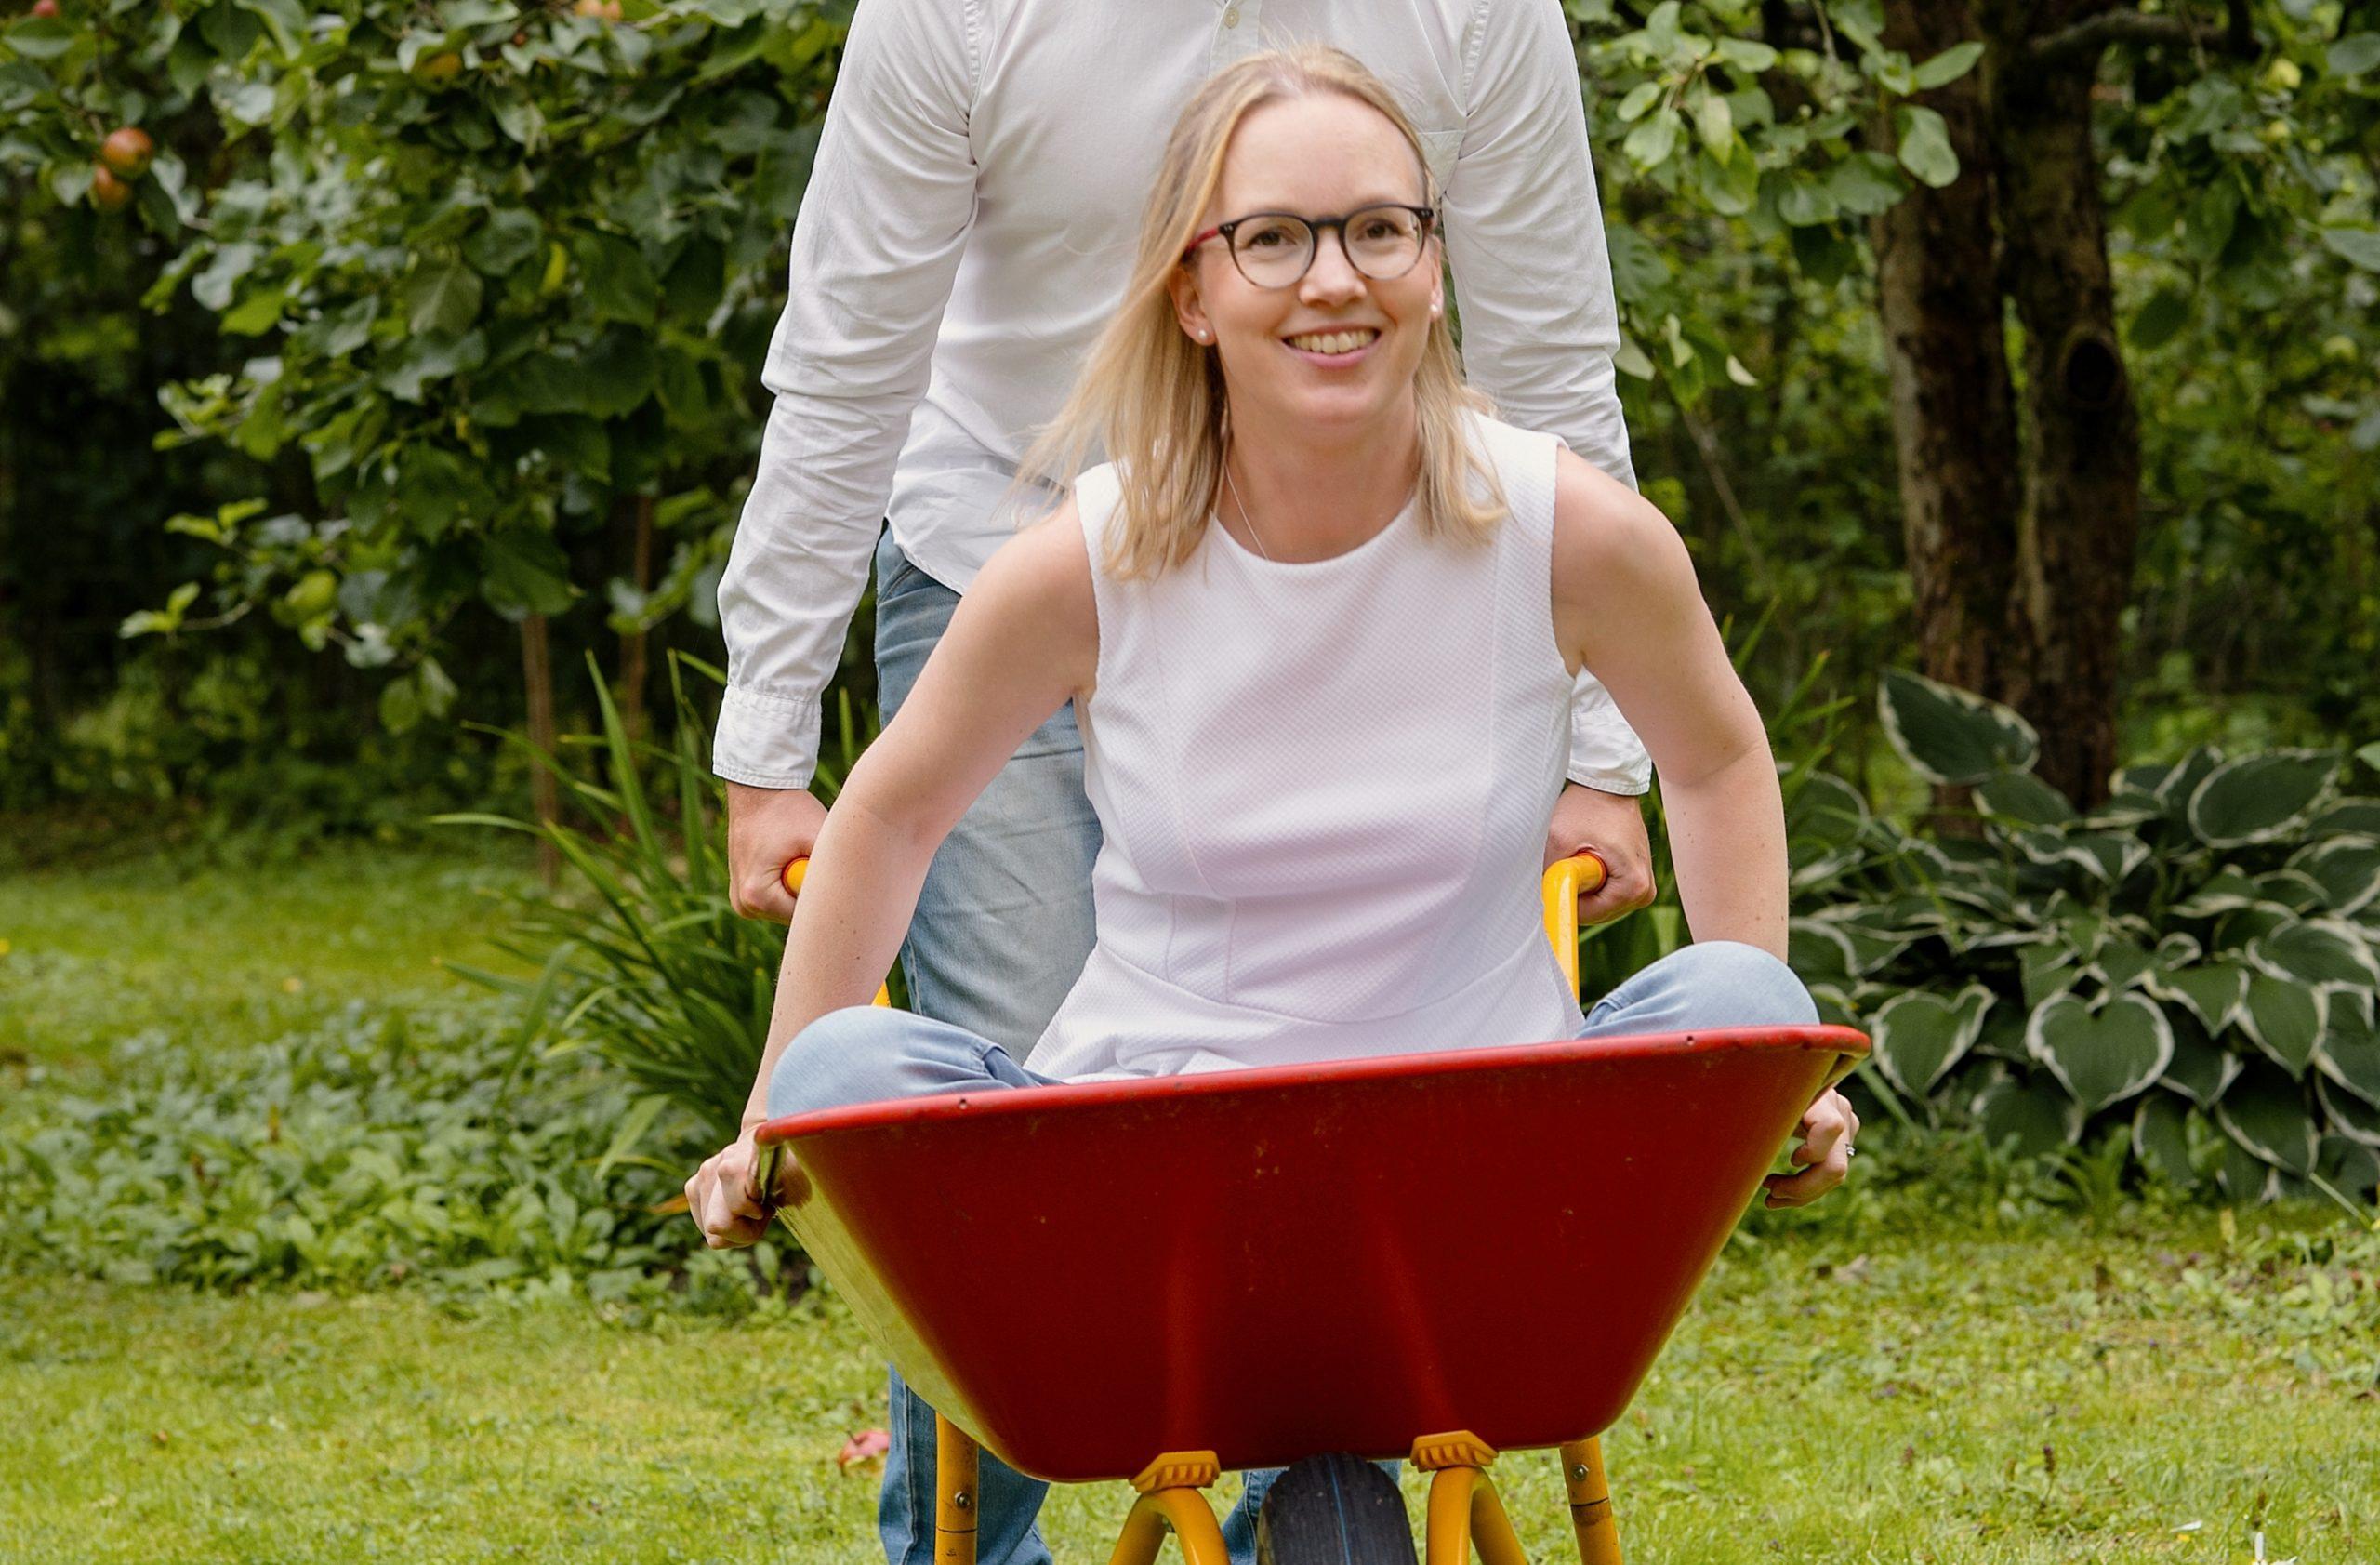 Stiftelsens controller Elina Latvakangas får åka skottkärra